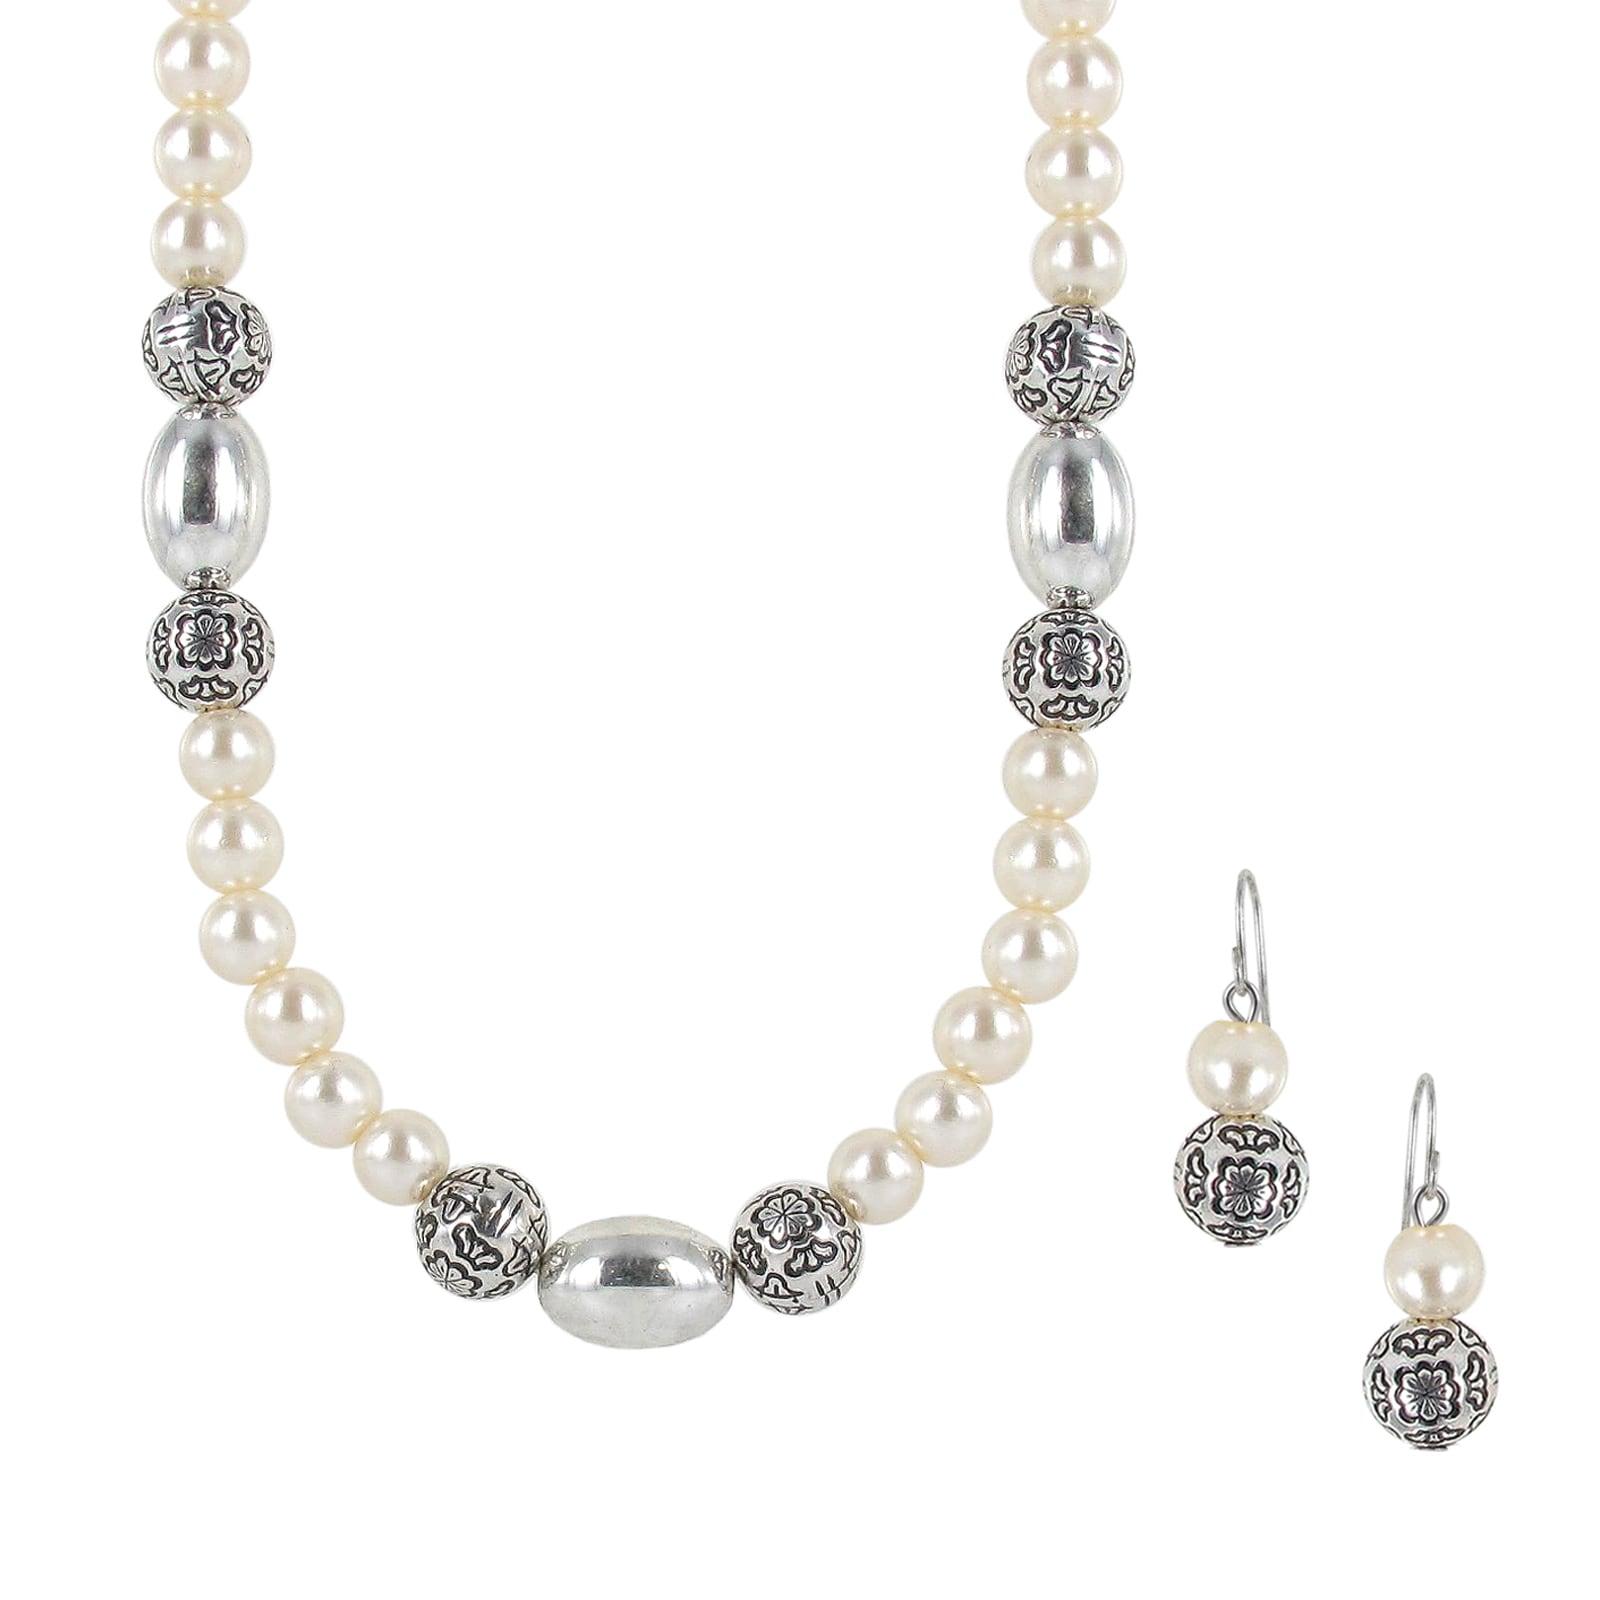 Roman Silvertone White Faux Pearl Artisan Jewelry Set